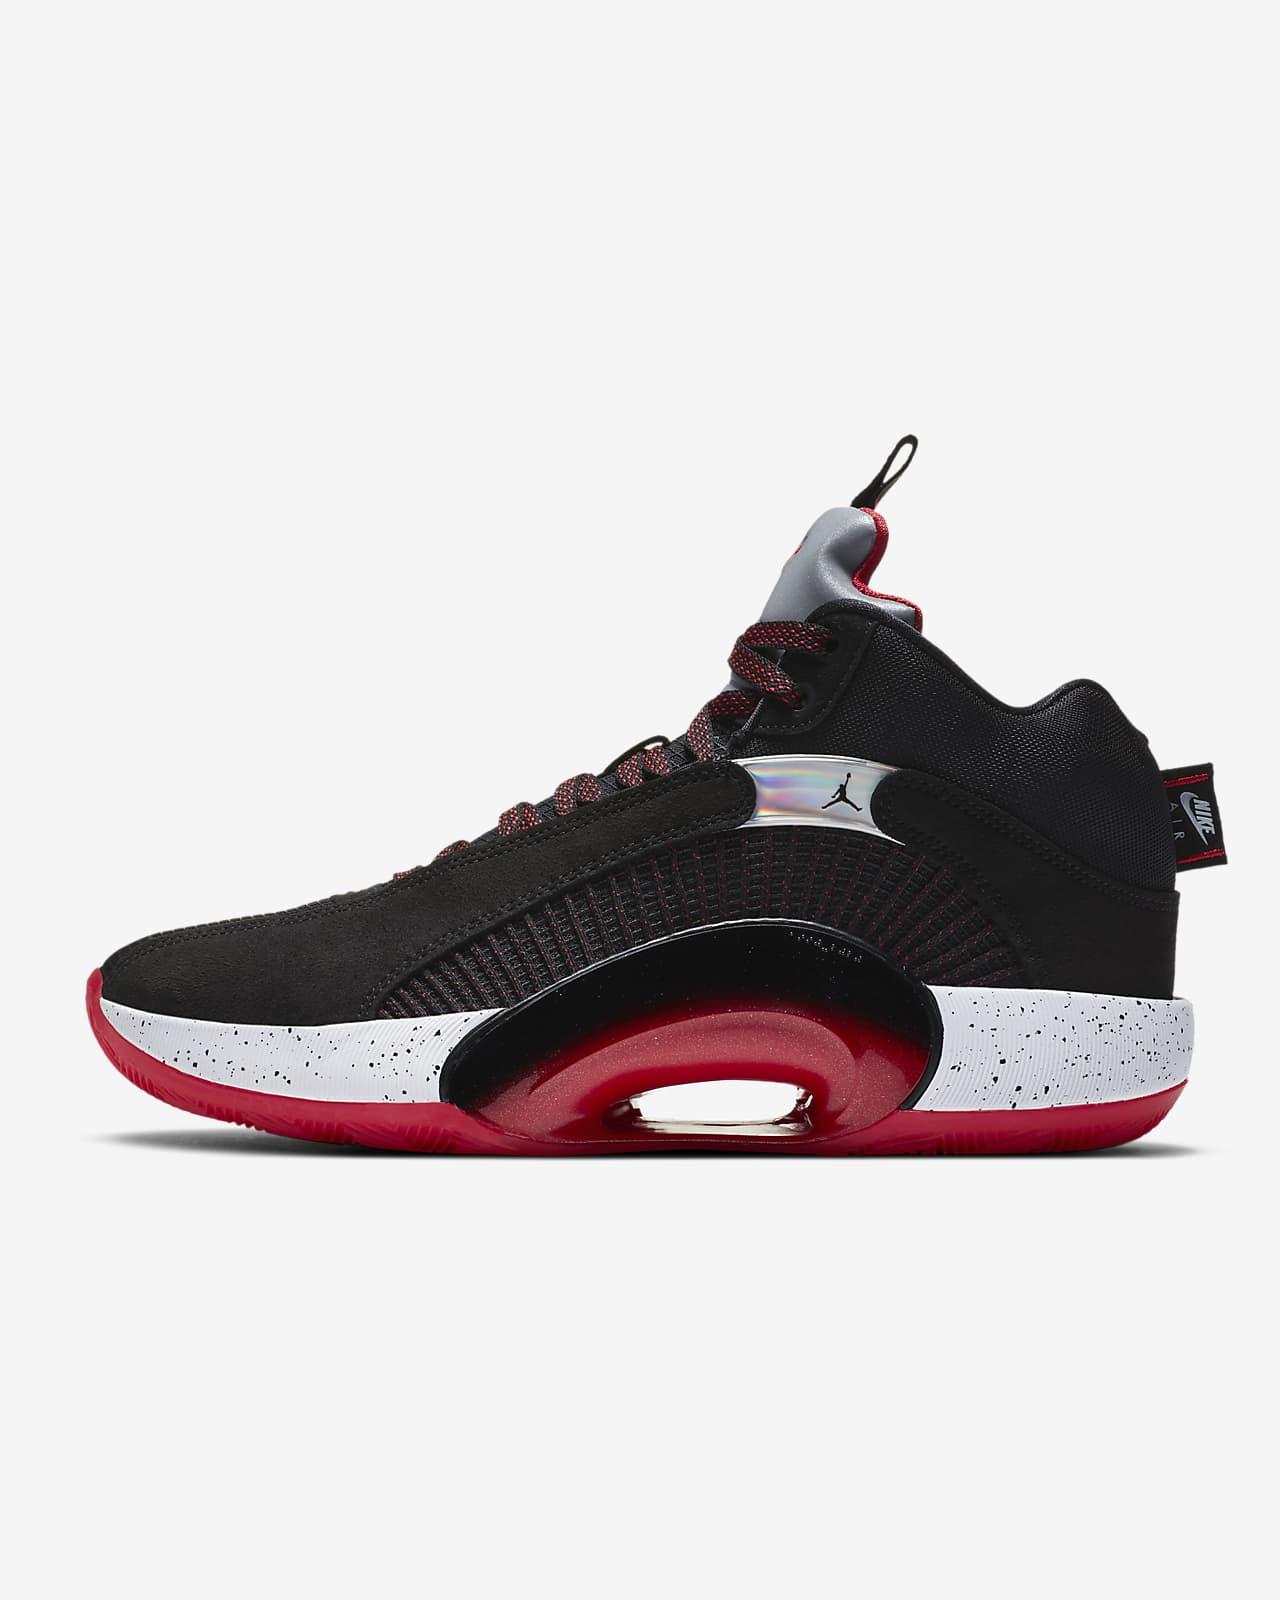 Air Jordan XXXV kosárlabdacipő